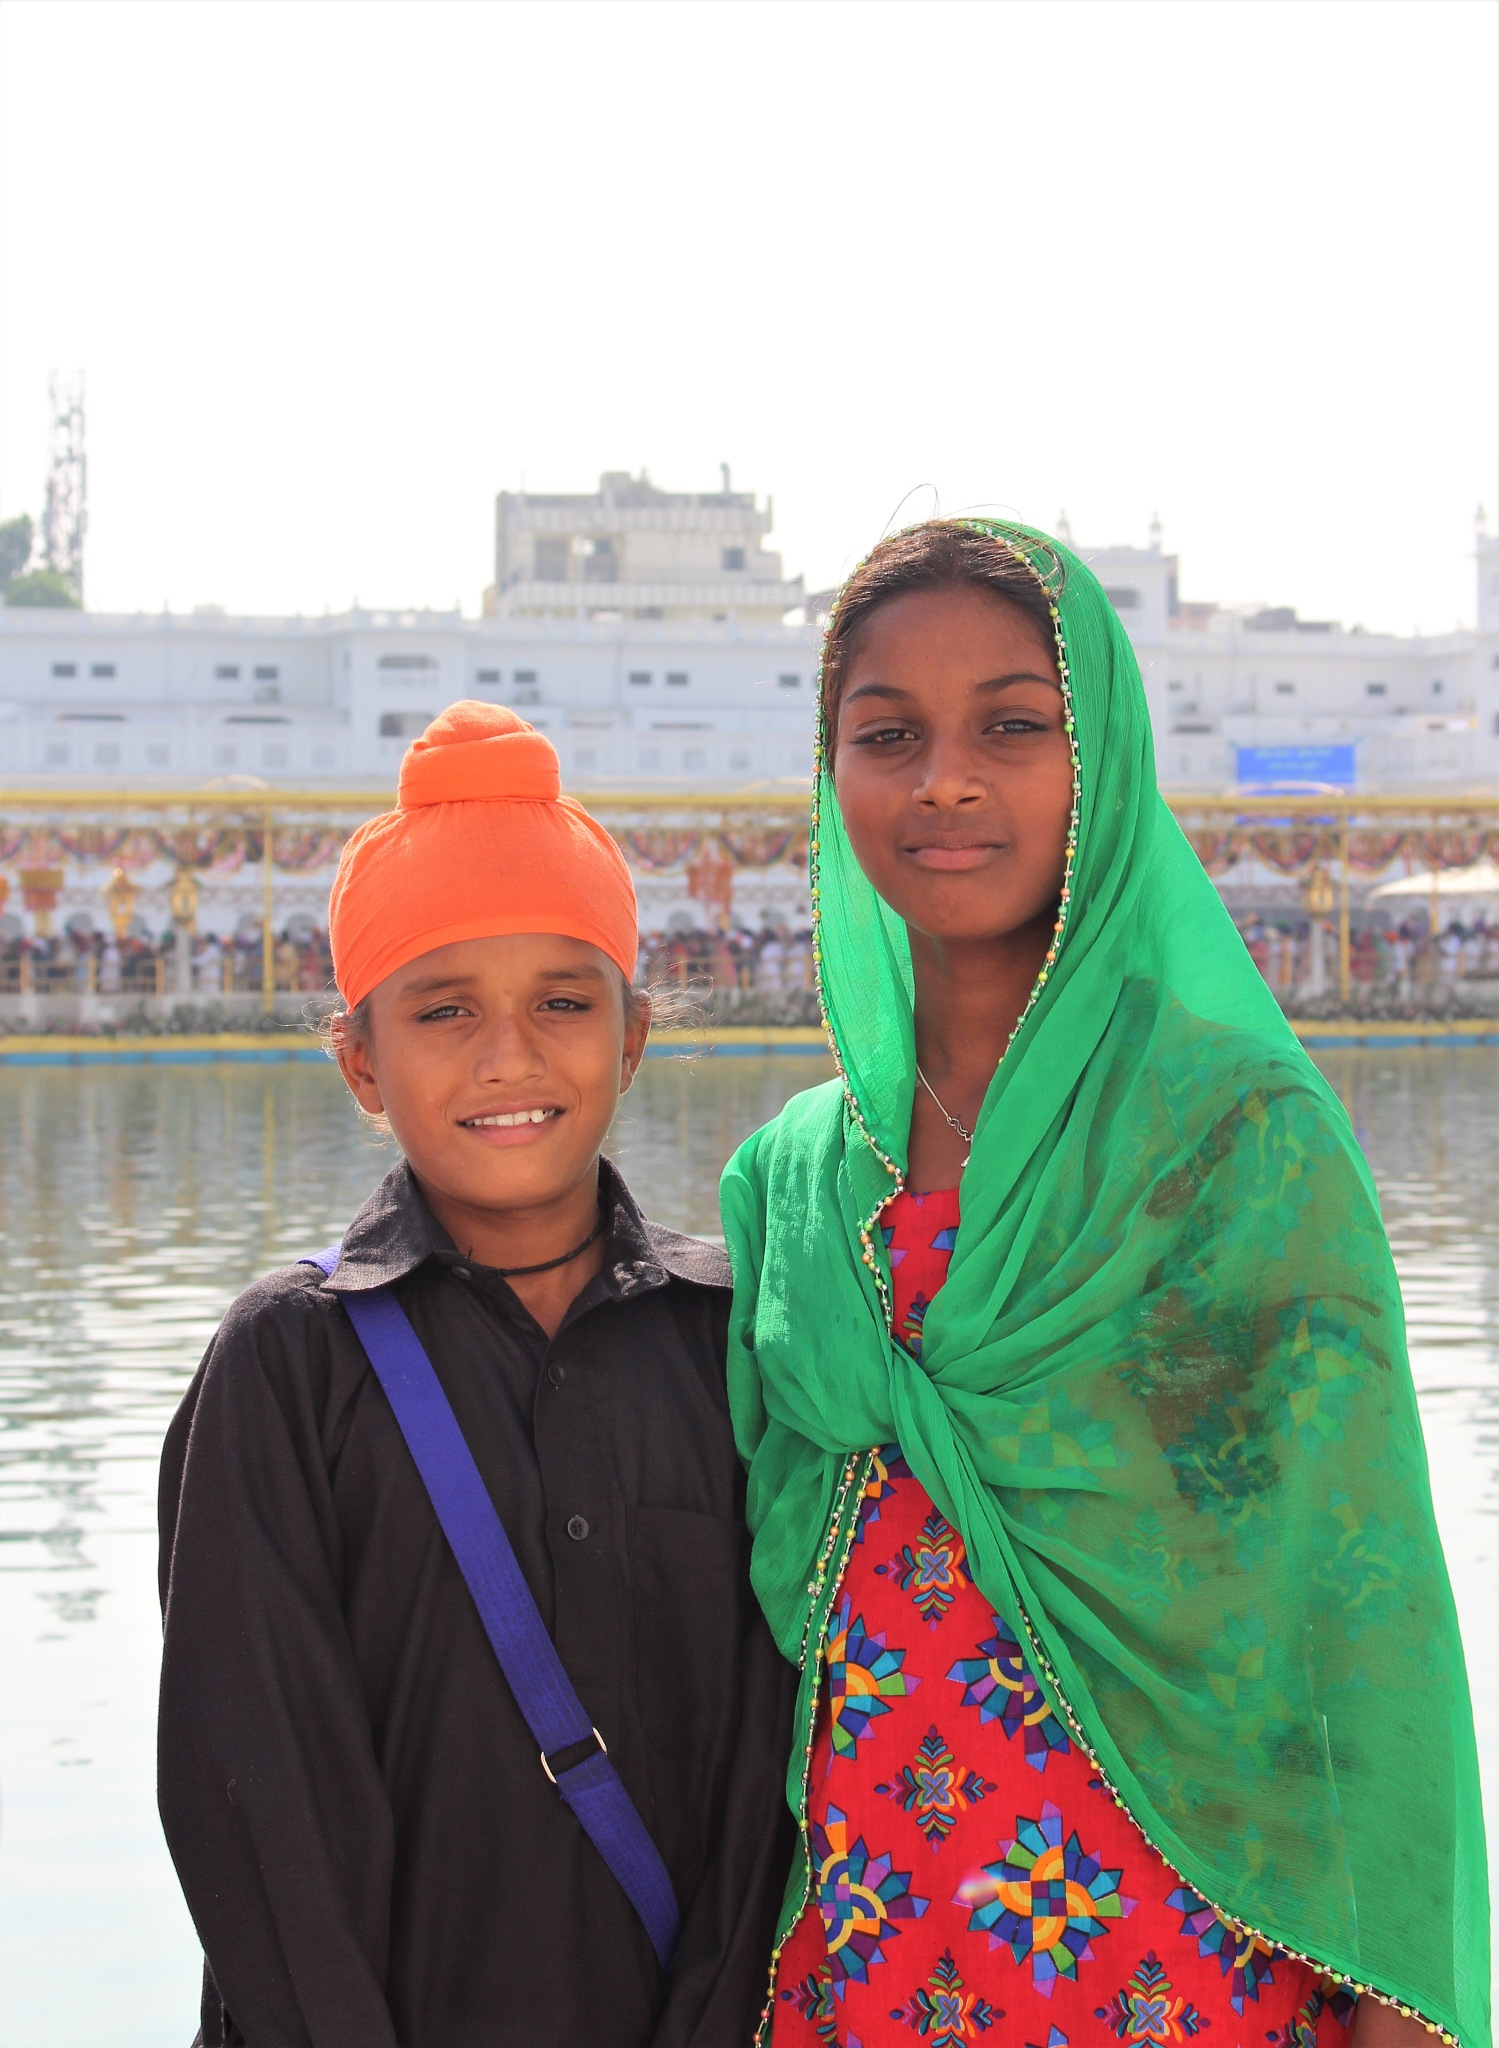 Life snaps - India (2) by Emőke Dénes